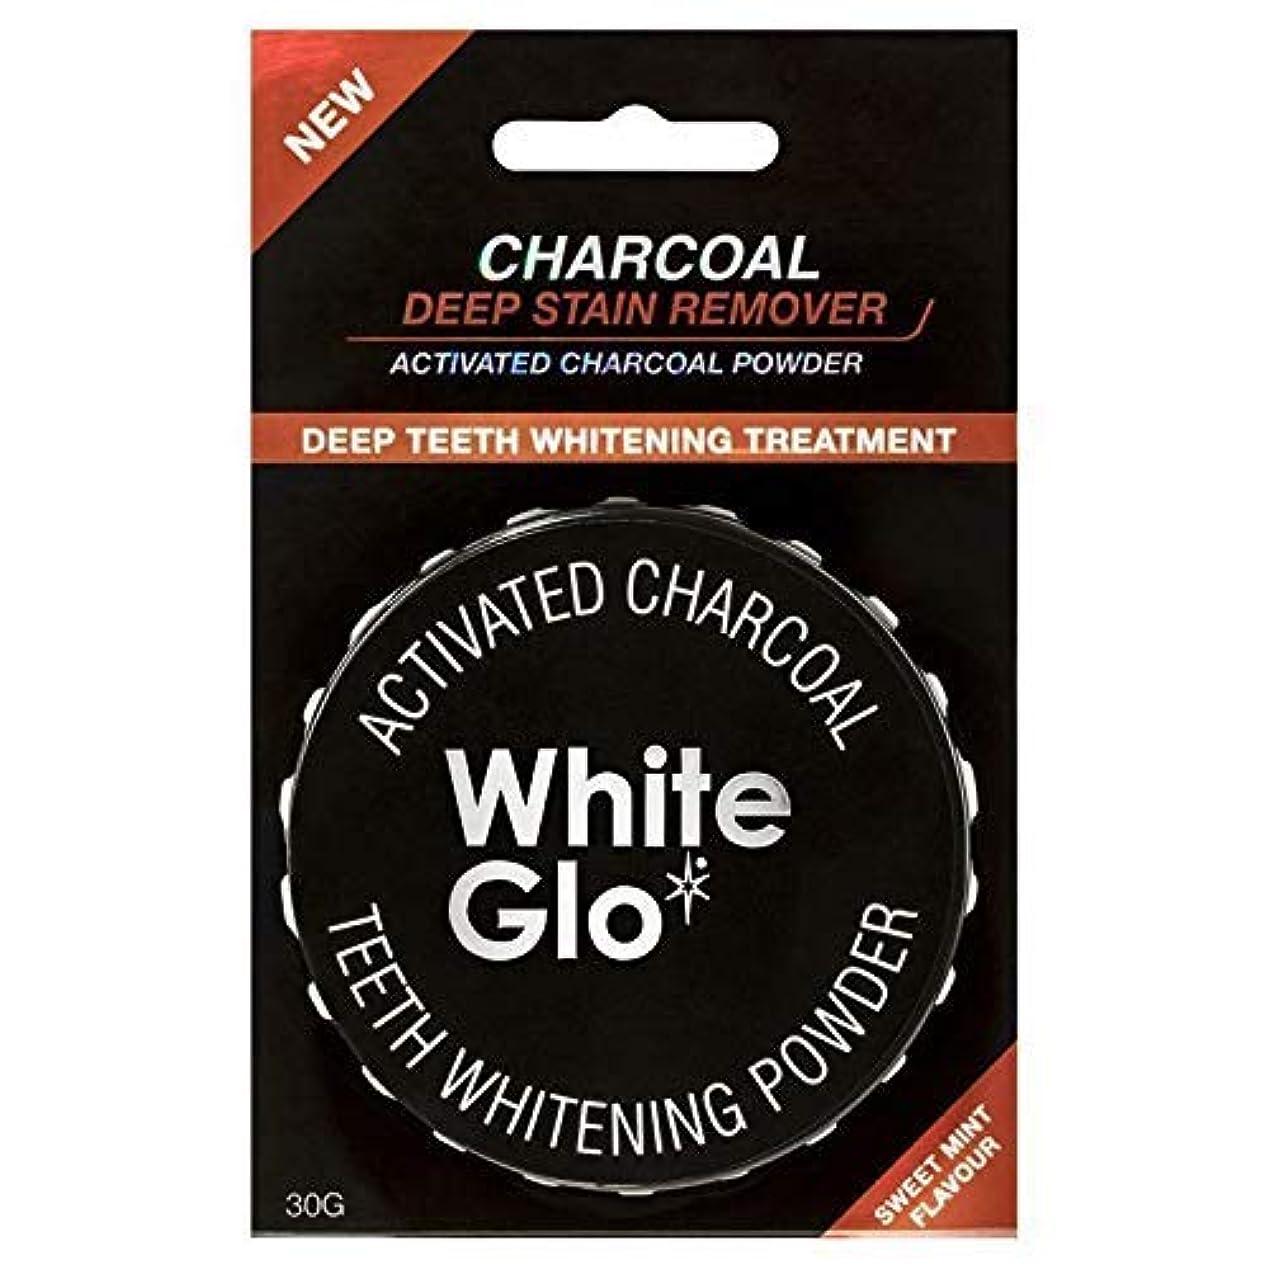 縁クレデンシャルセールスマンTeeth Whitening Systems White Glo Activated Charcoal Teeth Whitening Powder 30g Australia / システムを白くする歯を白くする歯の粉...